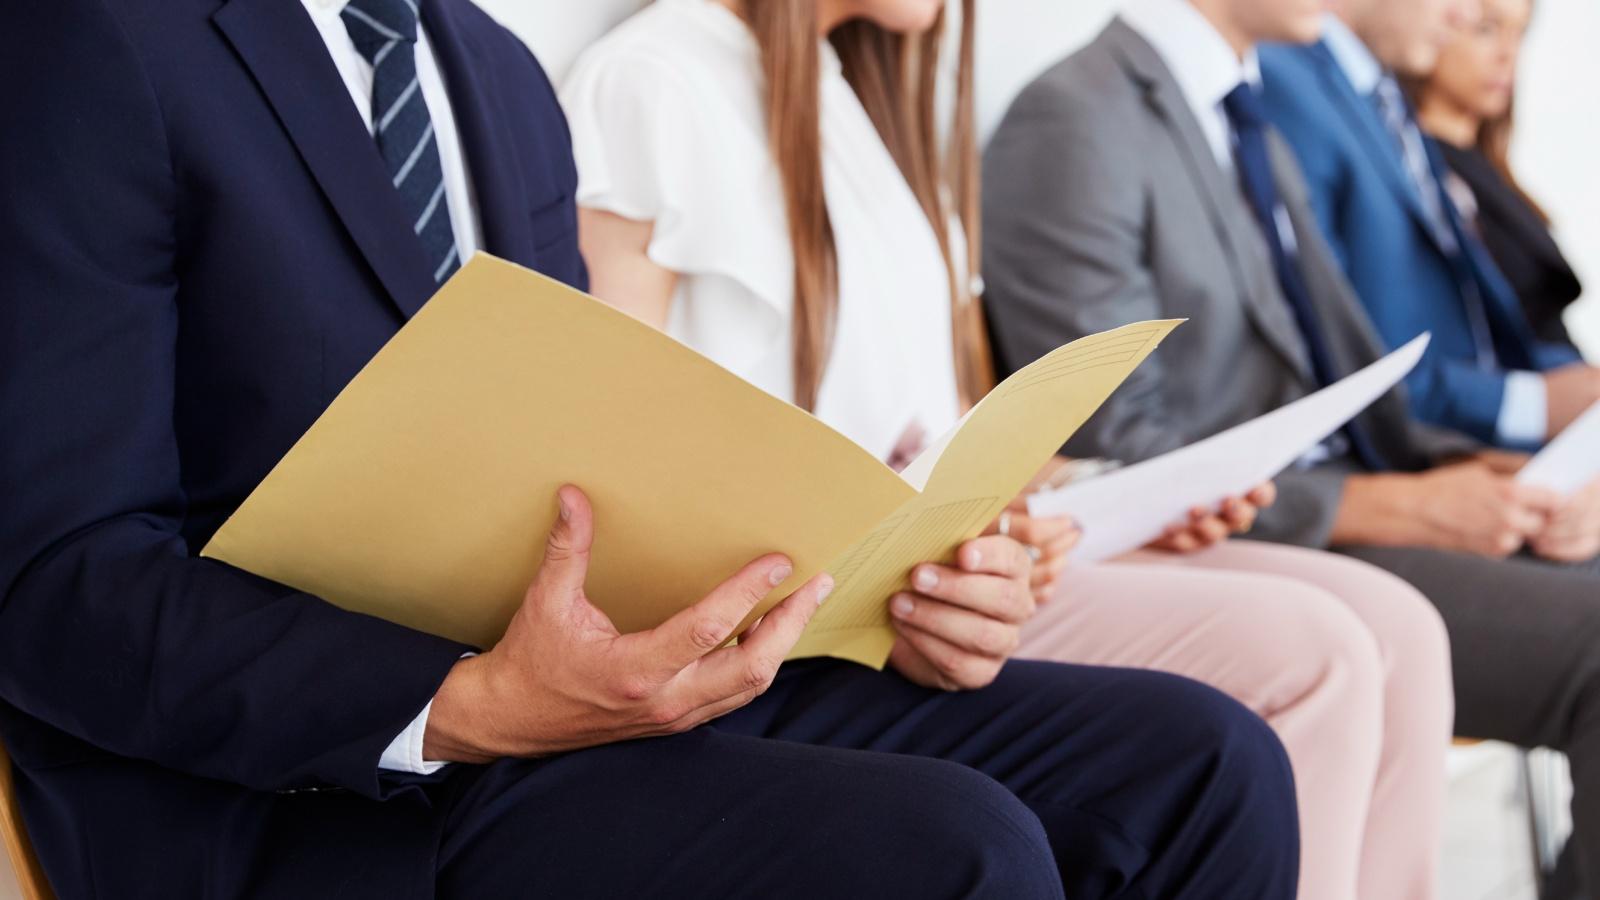 搵工, 招聘, 求職, 答問技巧, 面試, 見工, 香港財經時報HKBT